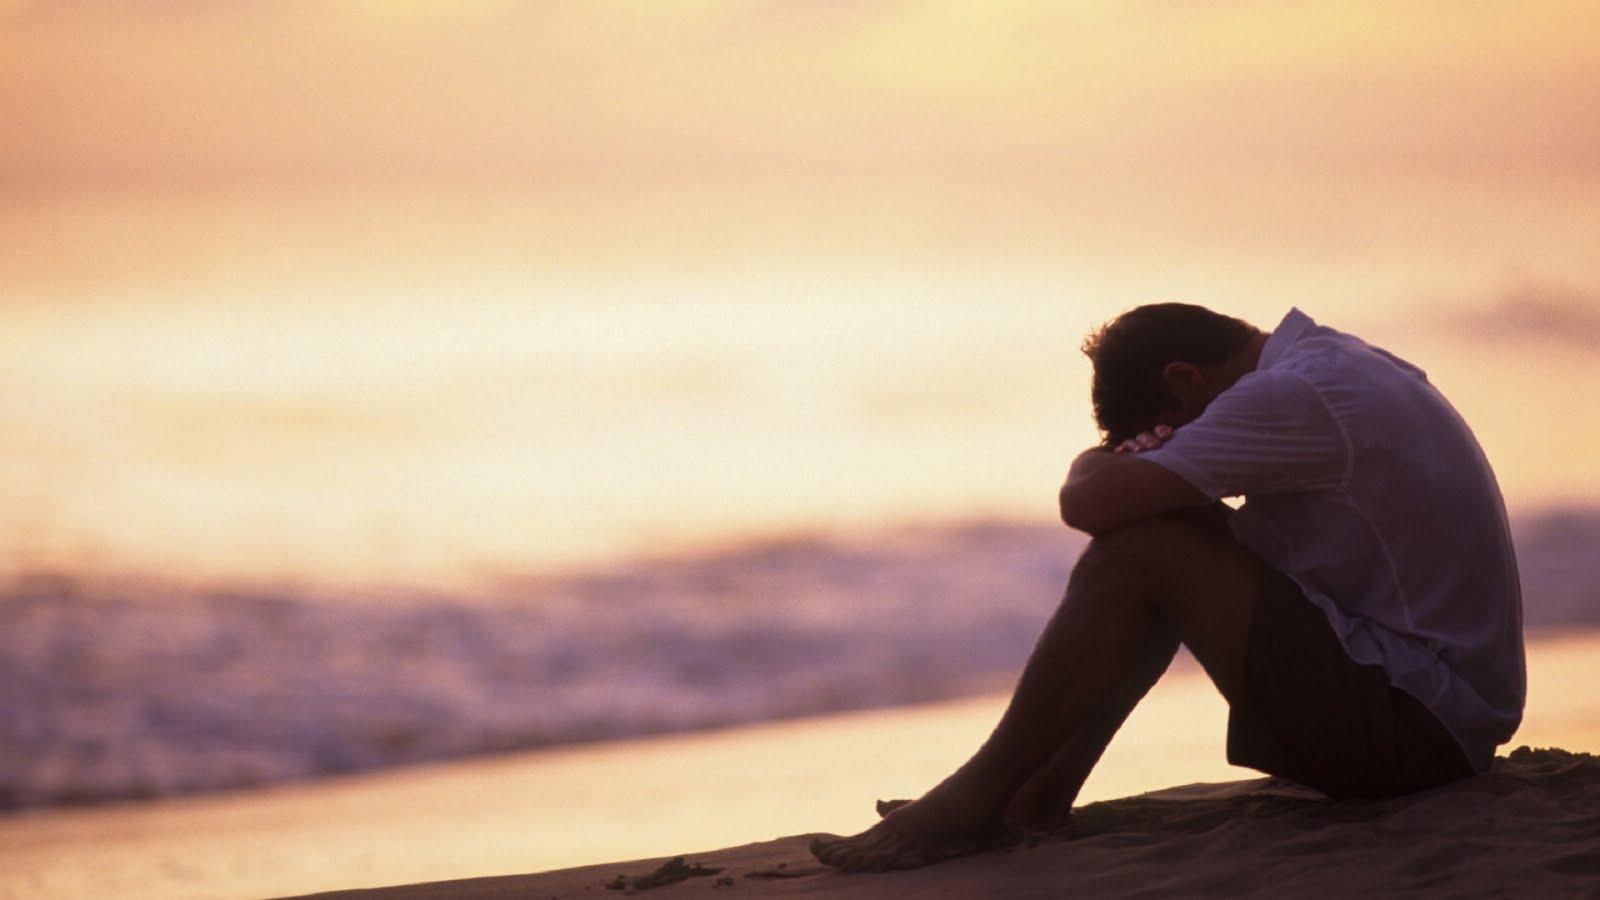 بالصور صور رجال حزينه , صور حزينة معبرة 4648 9